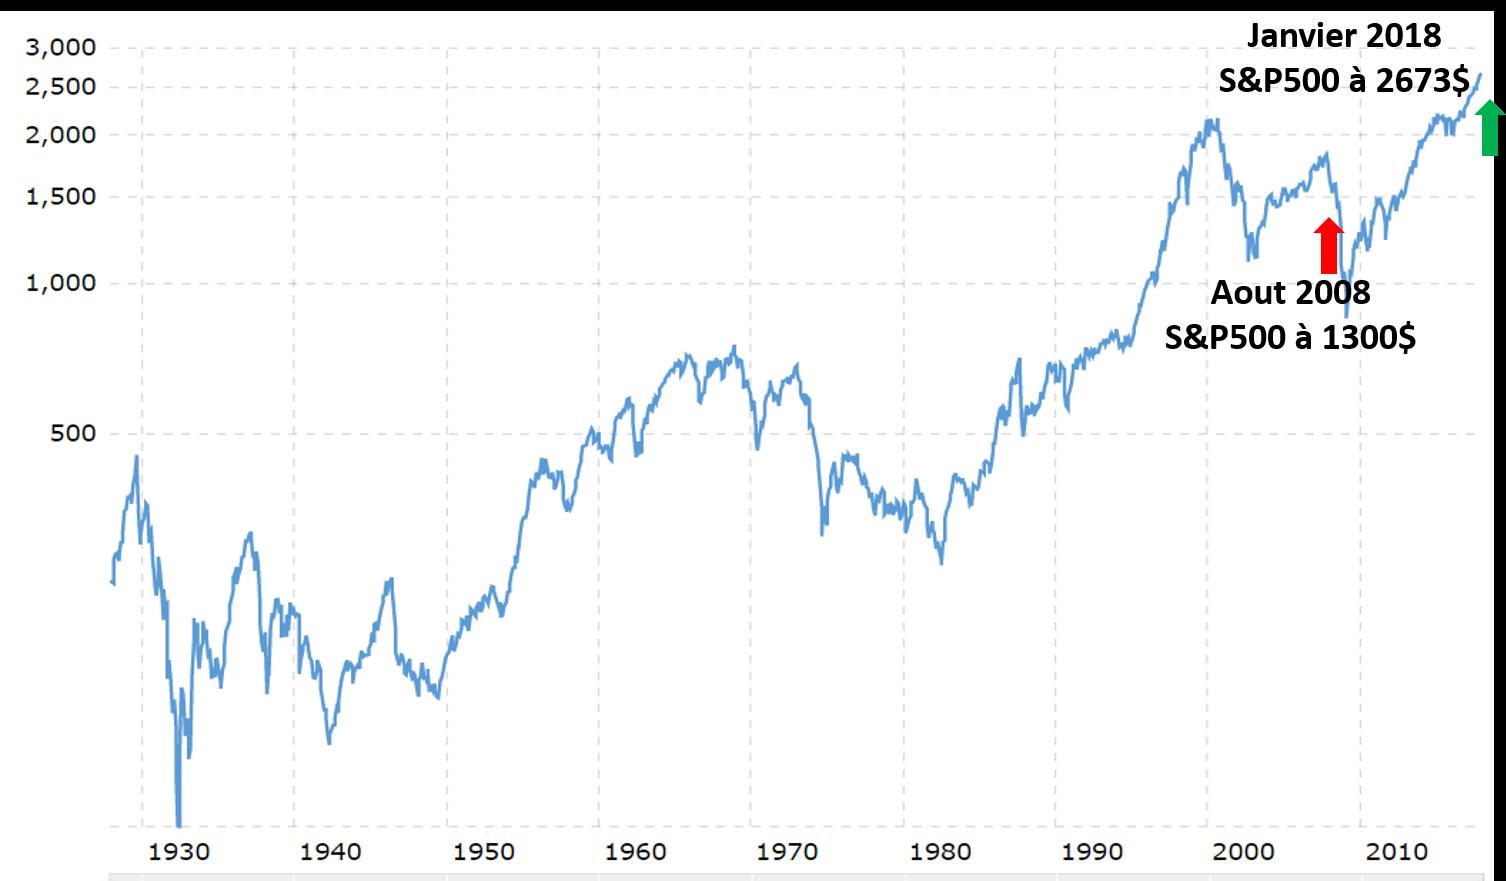 gagner argent bourse s&p500 evolution